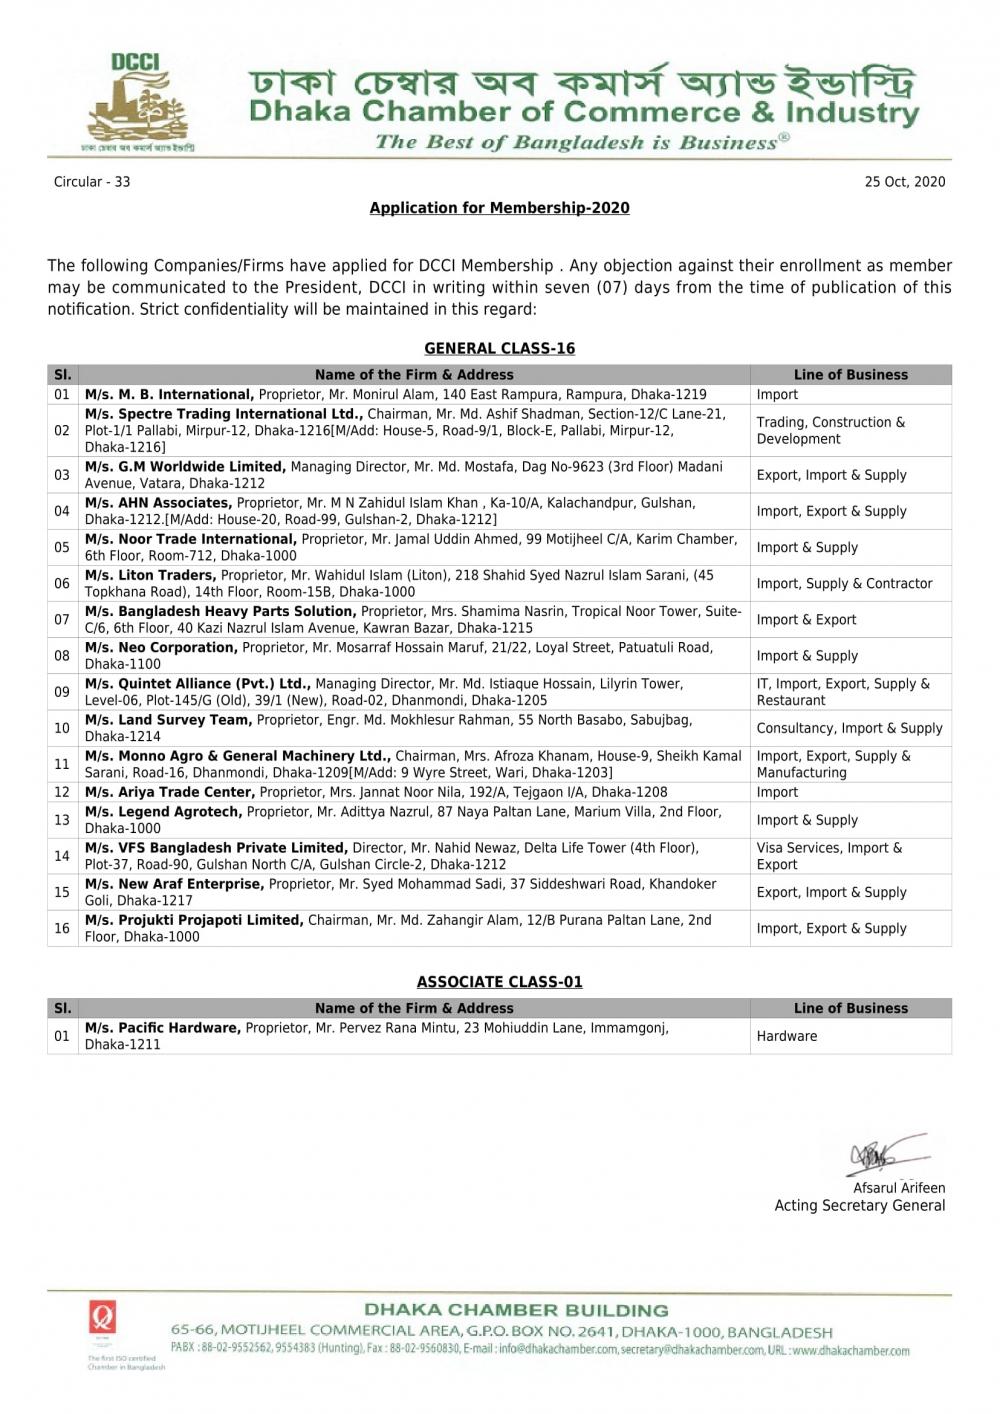 Application for Membership-2020 (Circular-33)